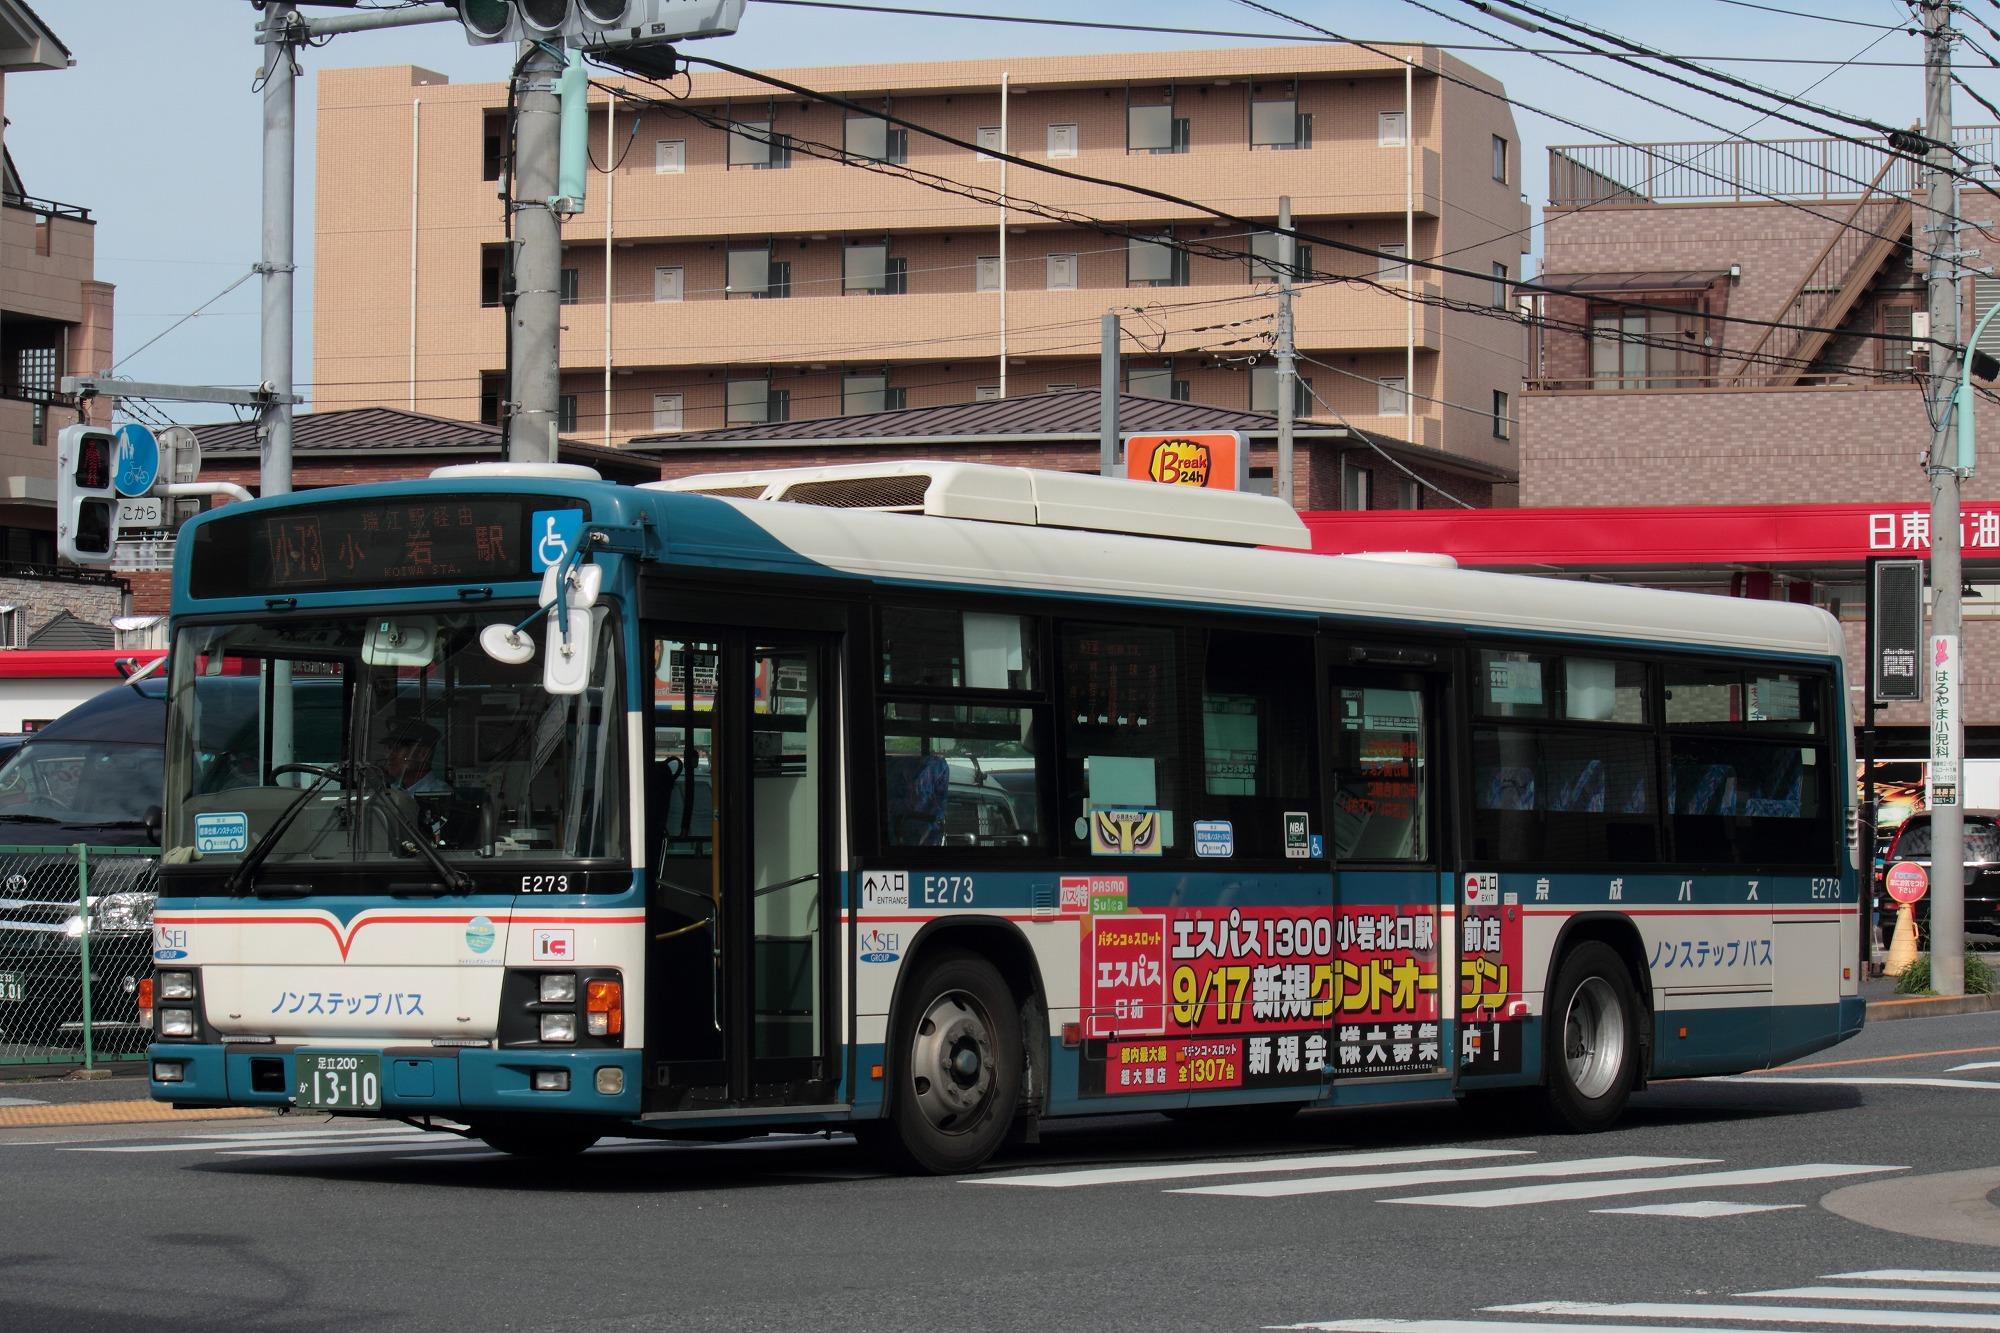 青いリボンの街 京成バス E273